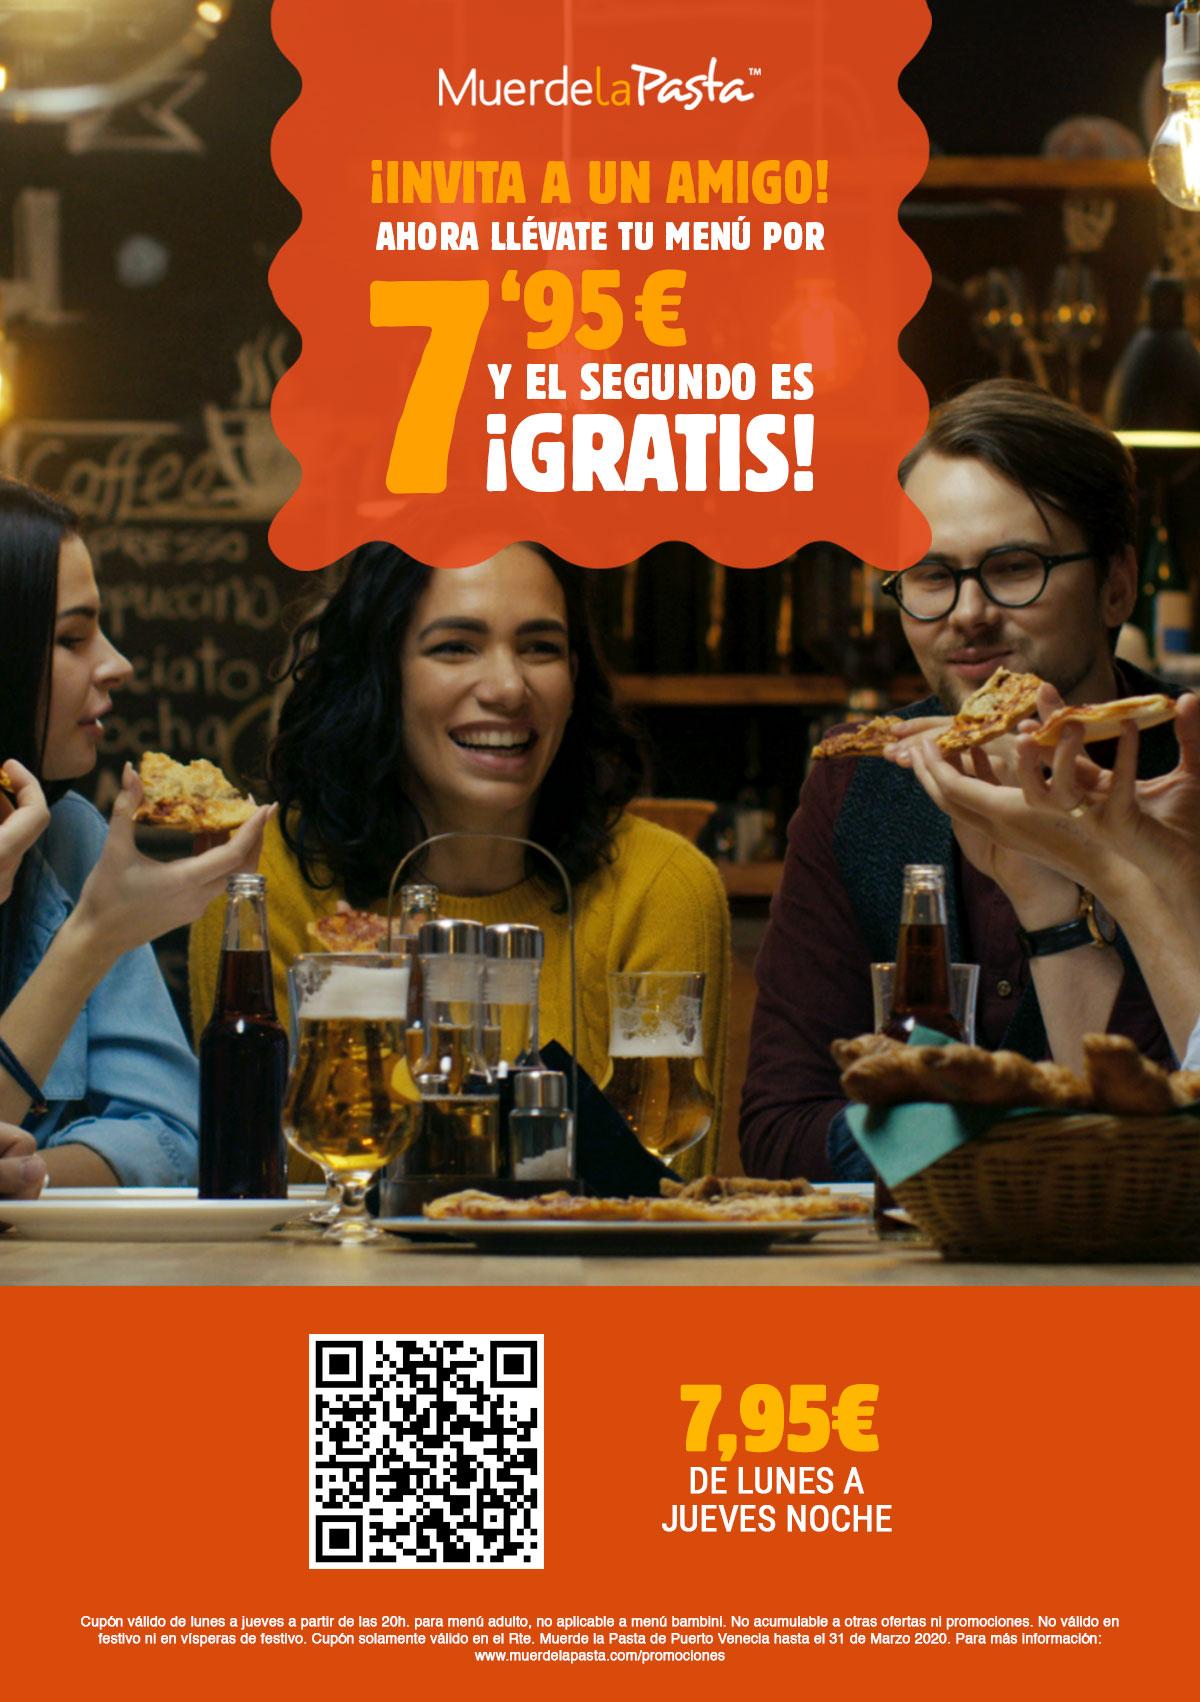 Invita a un Amigo | Muerde La Pasta Puerto Vencia (Zaragoza)